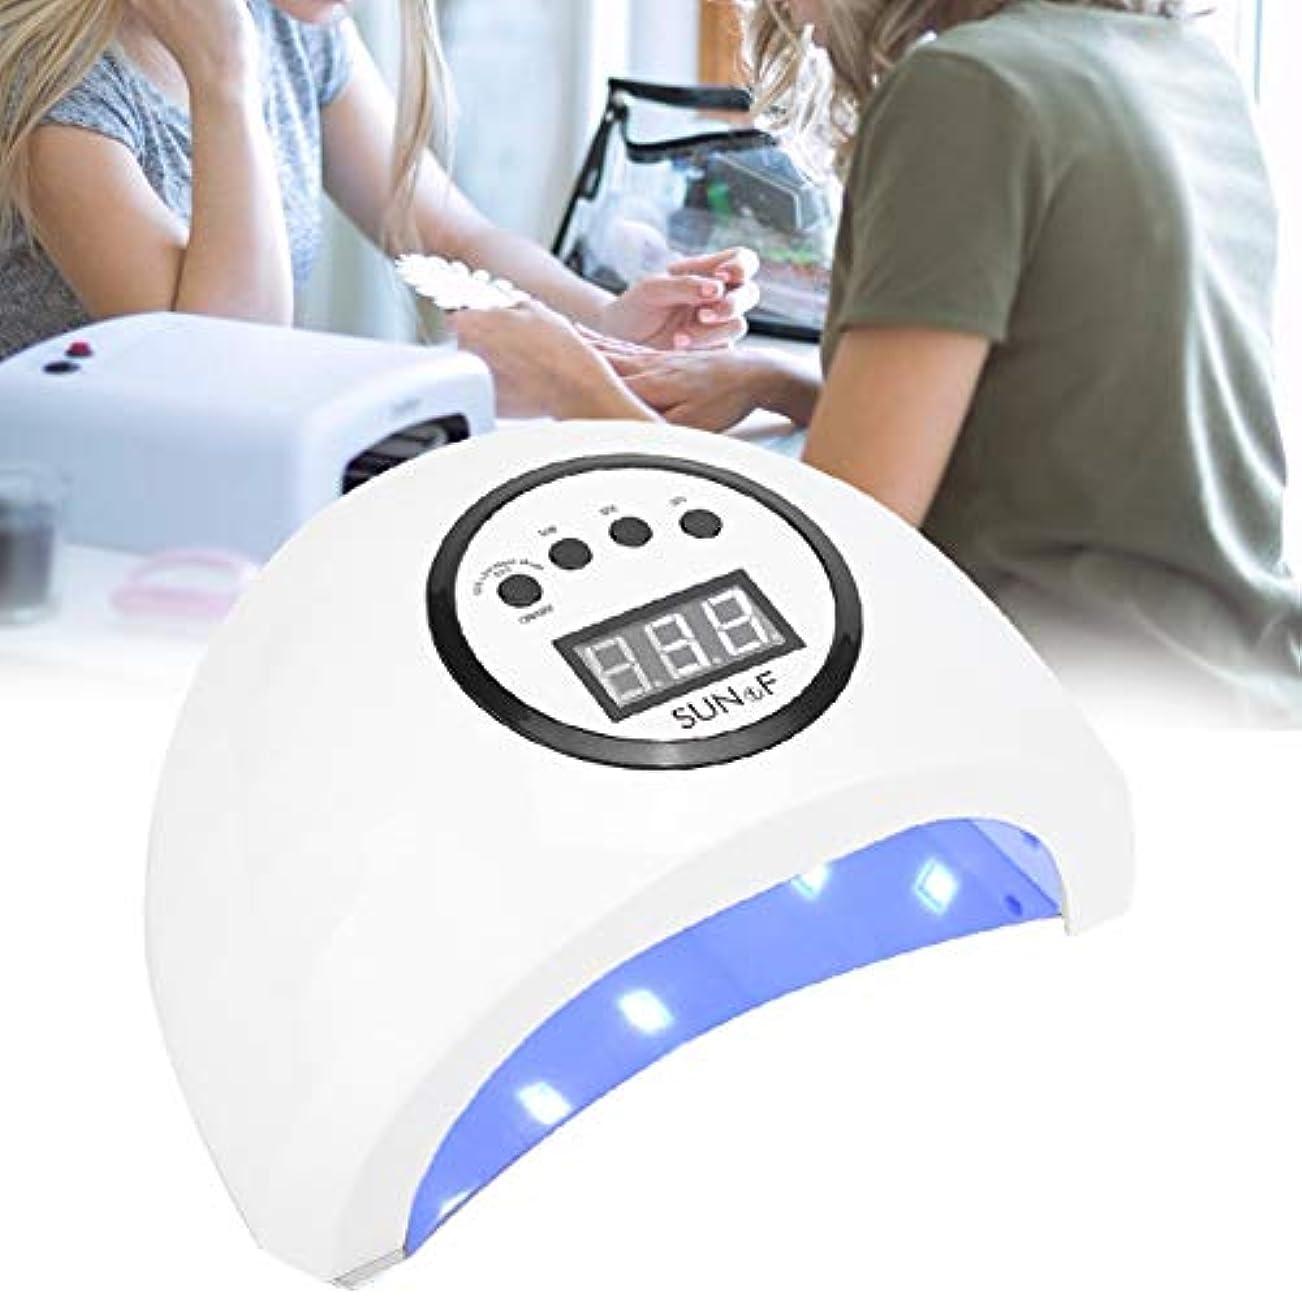 危機植木拾う48W LEDネイルランプ、ジェルネイルポリッシュドライヤー、クイックドライネイルマシン(米国)